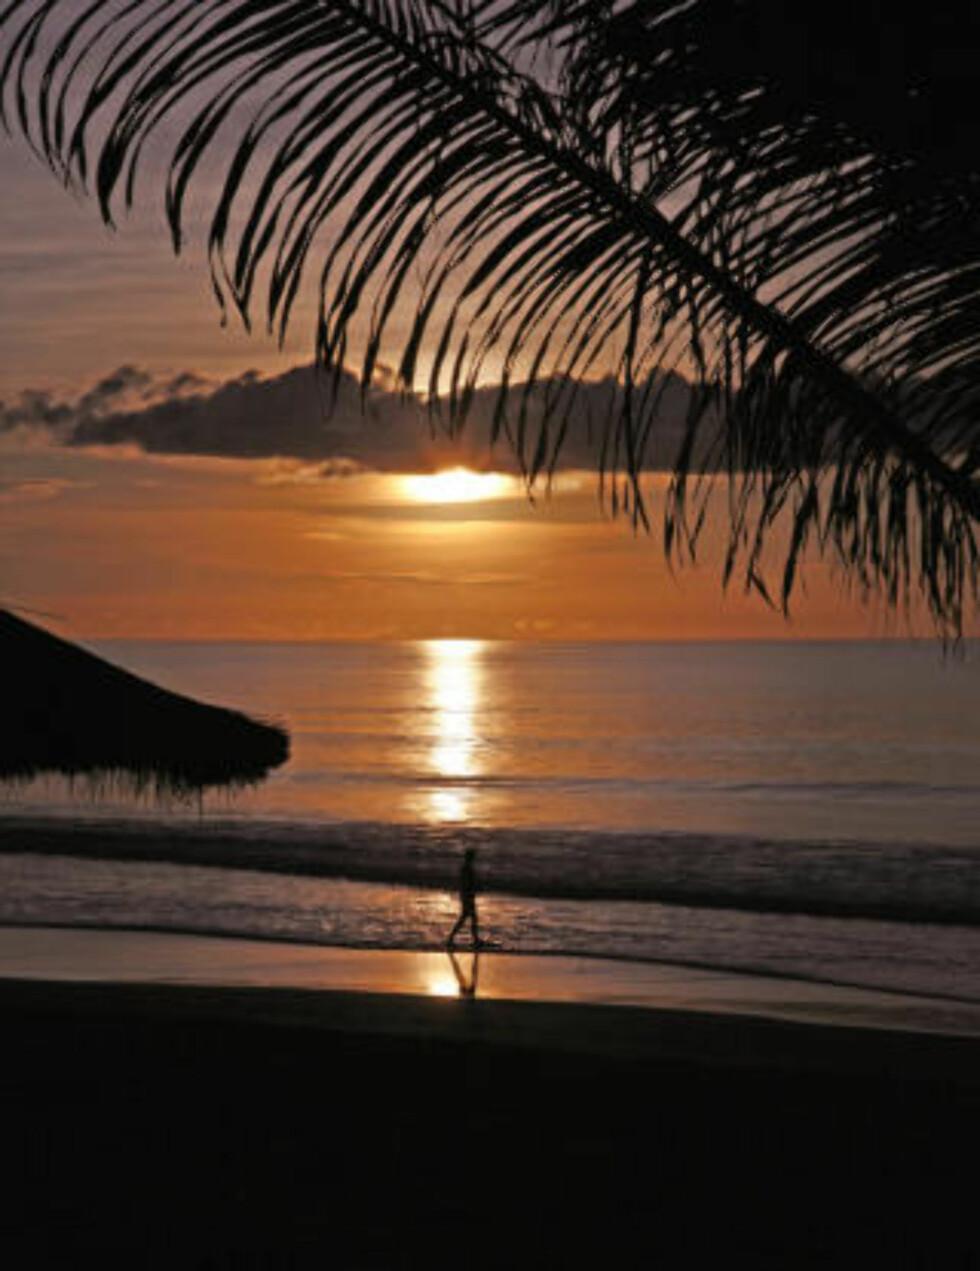 VAKKERT: Strendene i Gambia er i verdenstoppen. Solnedgangen i Atlanterhavet kan ta pusten fra den mest bortskjemte.